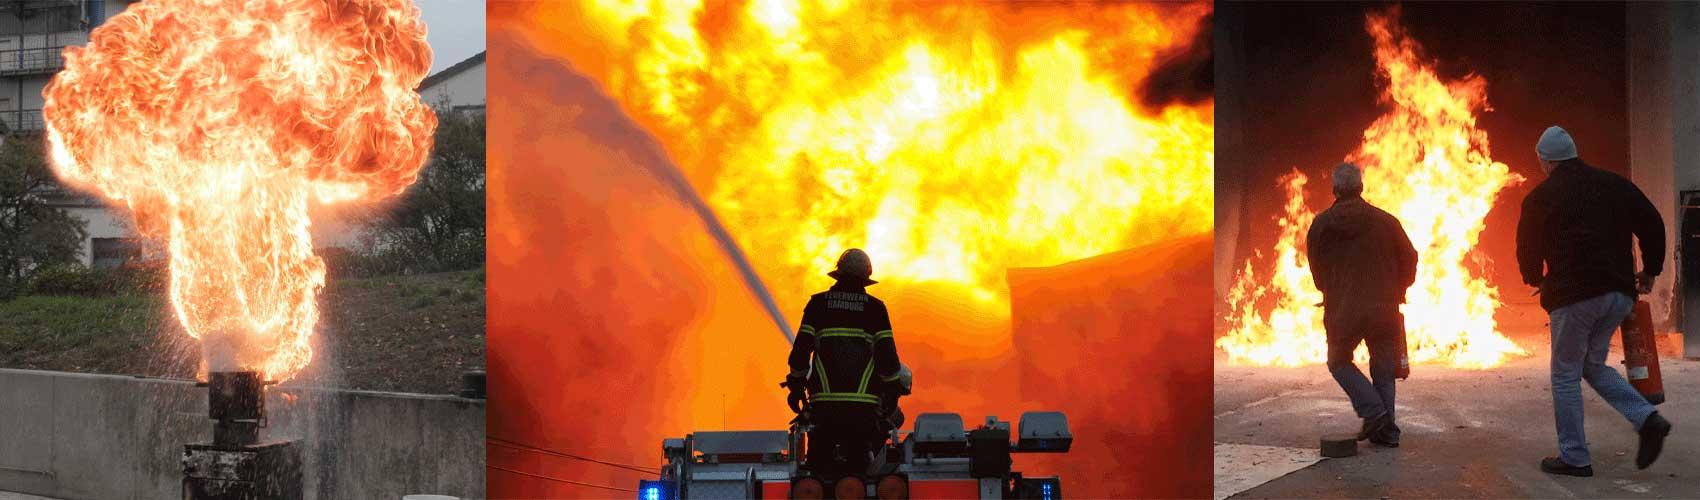 Brandschutzhelfer und Evakuierungshelfer